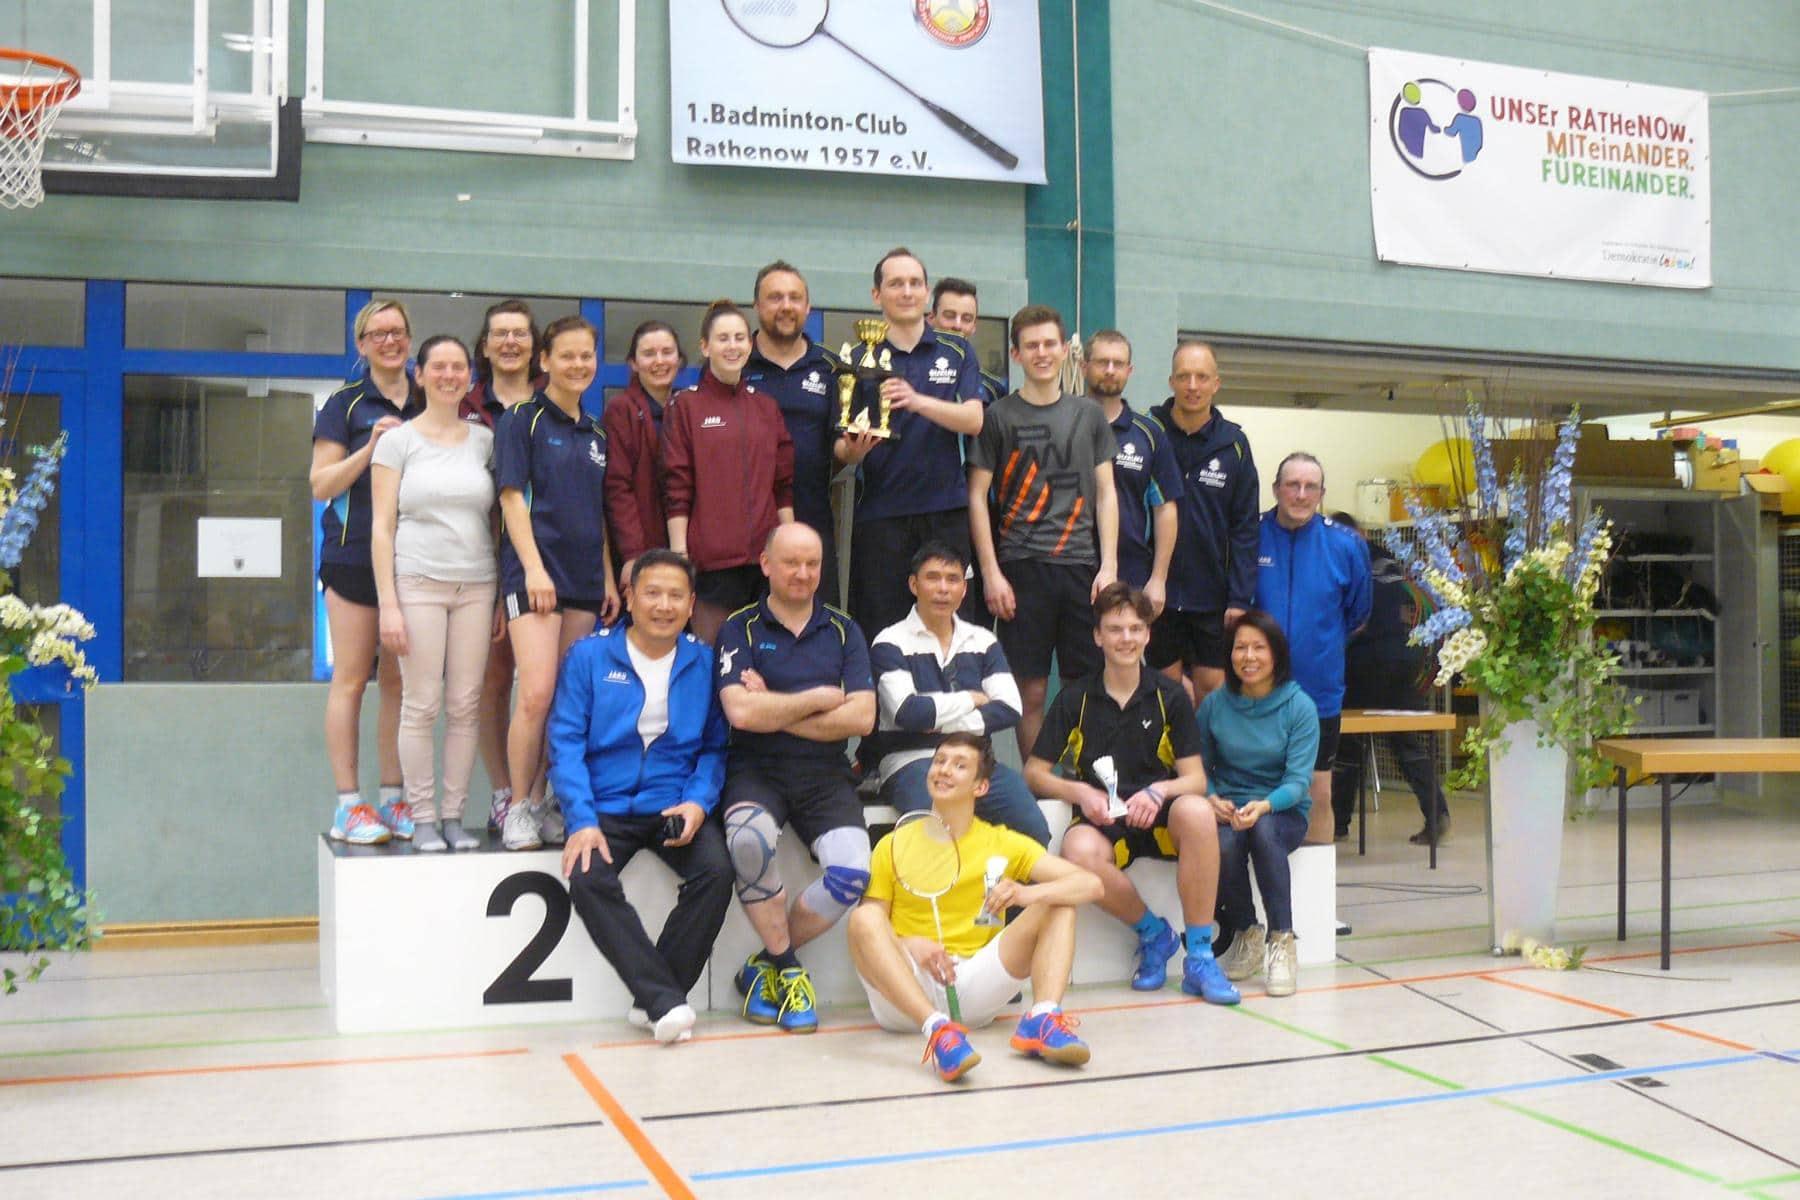 Der 1.BC Rathenow gewinnt den Pokal für den insgesamt erfolgreichsten Verein.